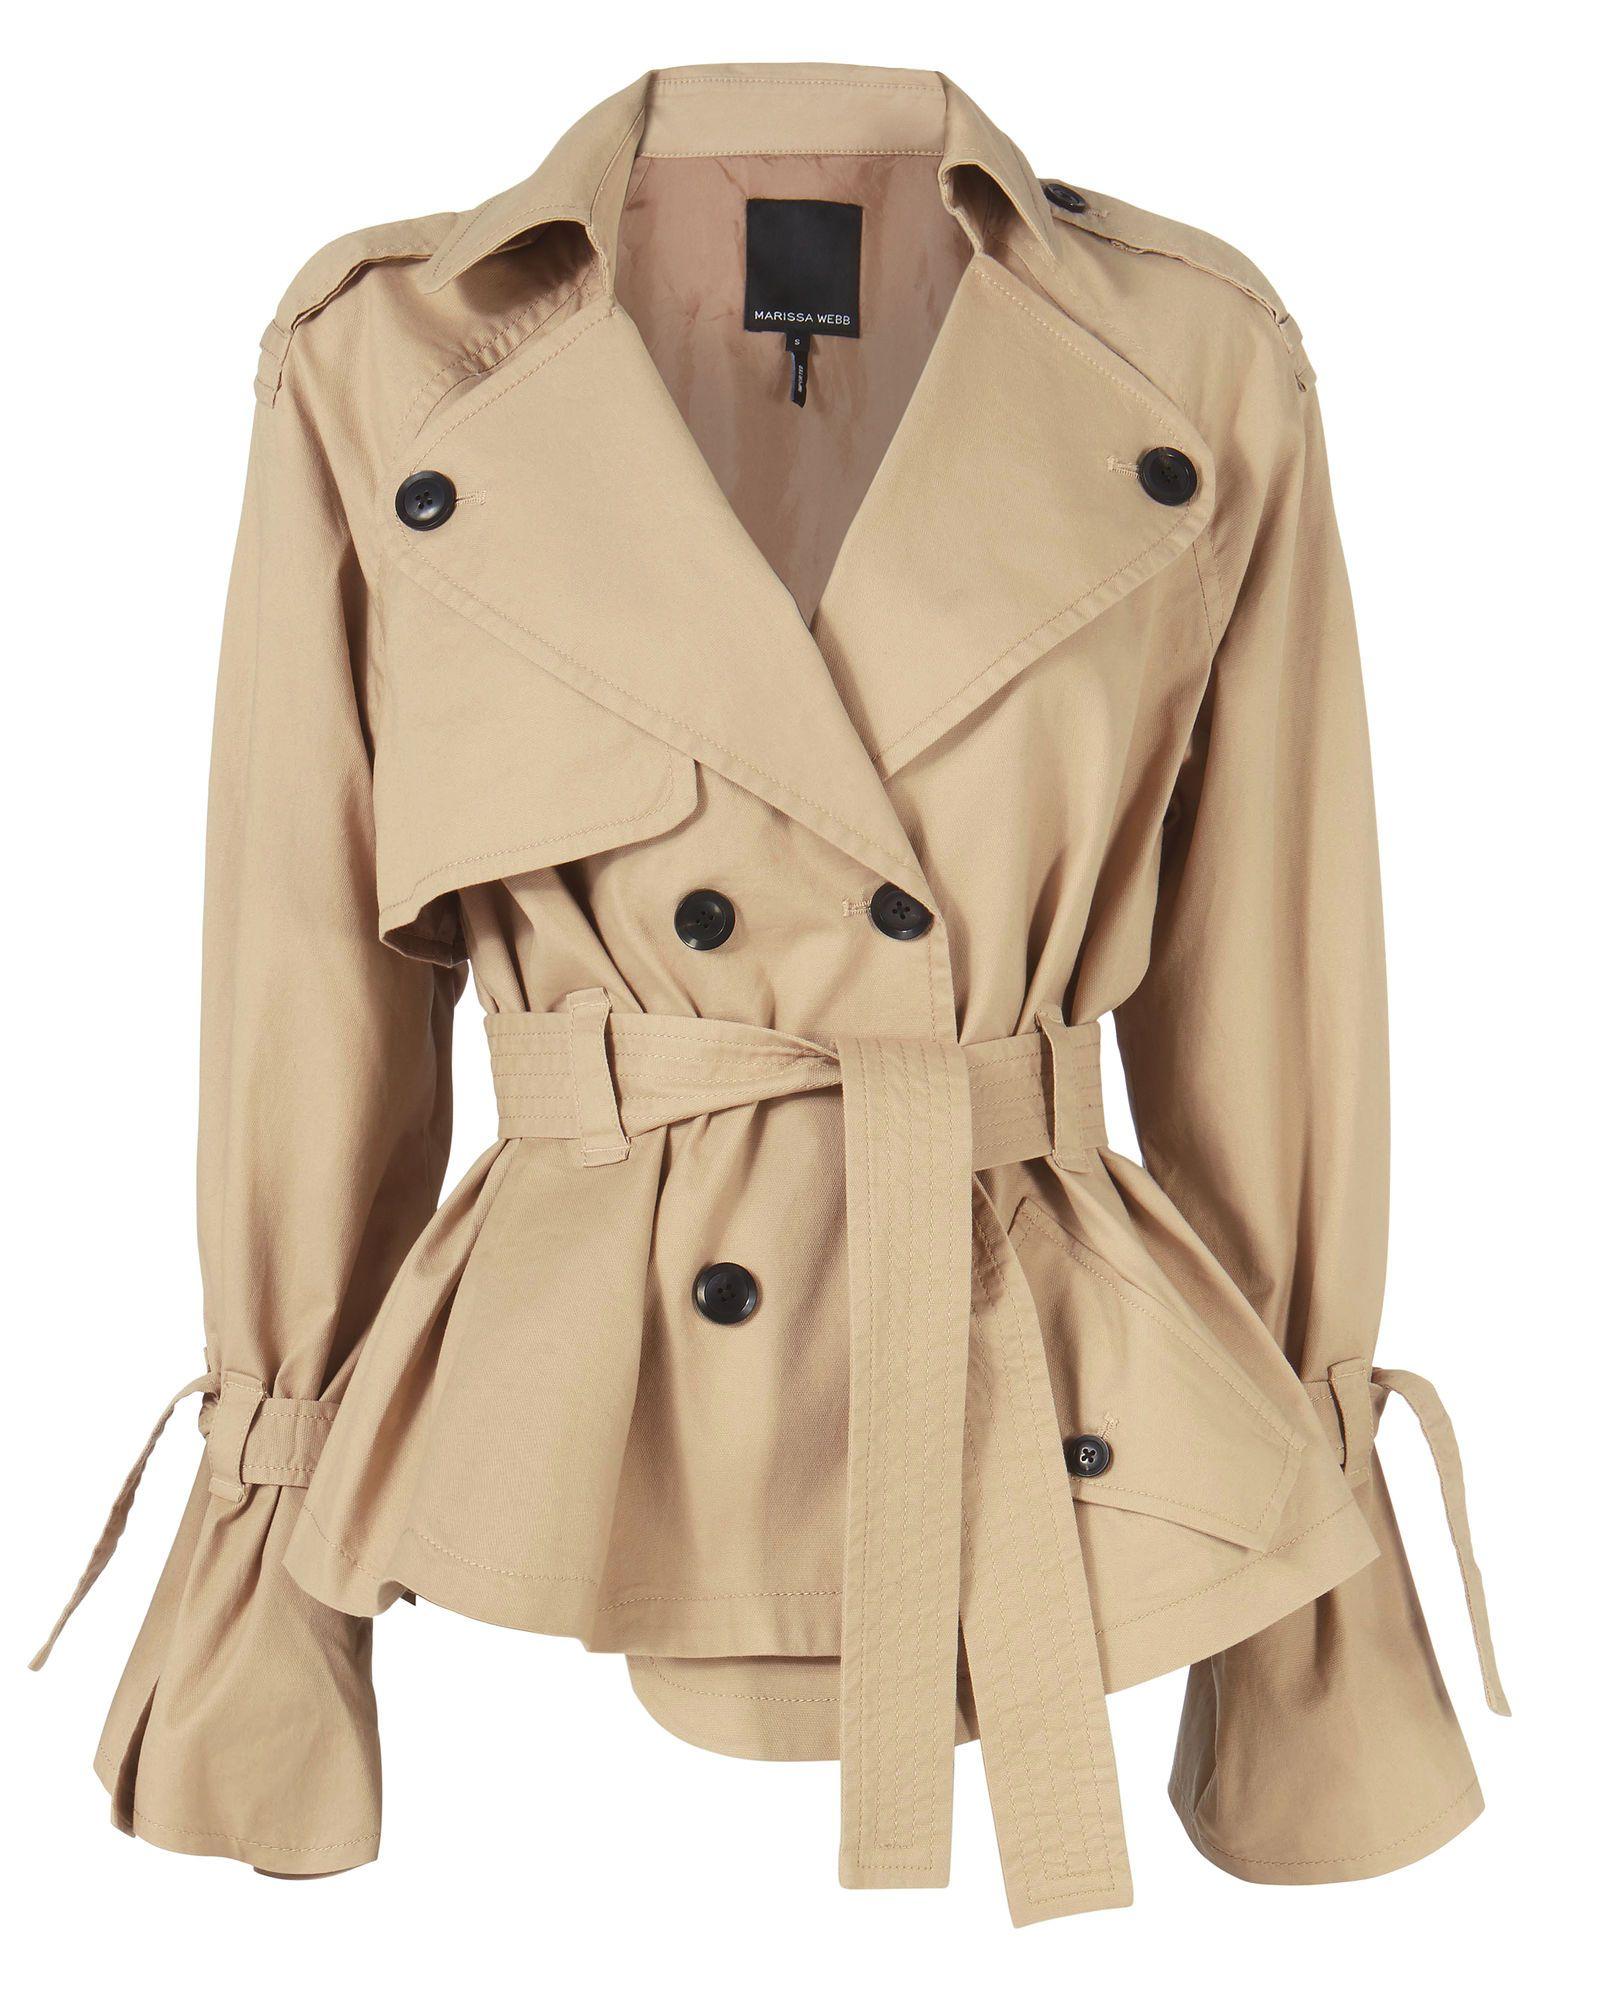 Winfield Short Trench Coat Short Trench Coat Short Coats Women Trench Coat [ 2000 x 1601 Pixel ]